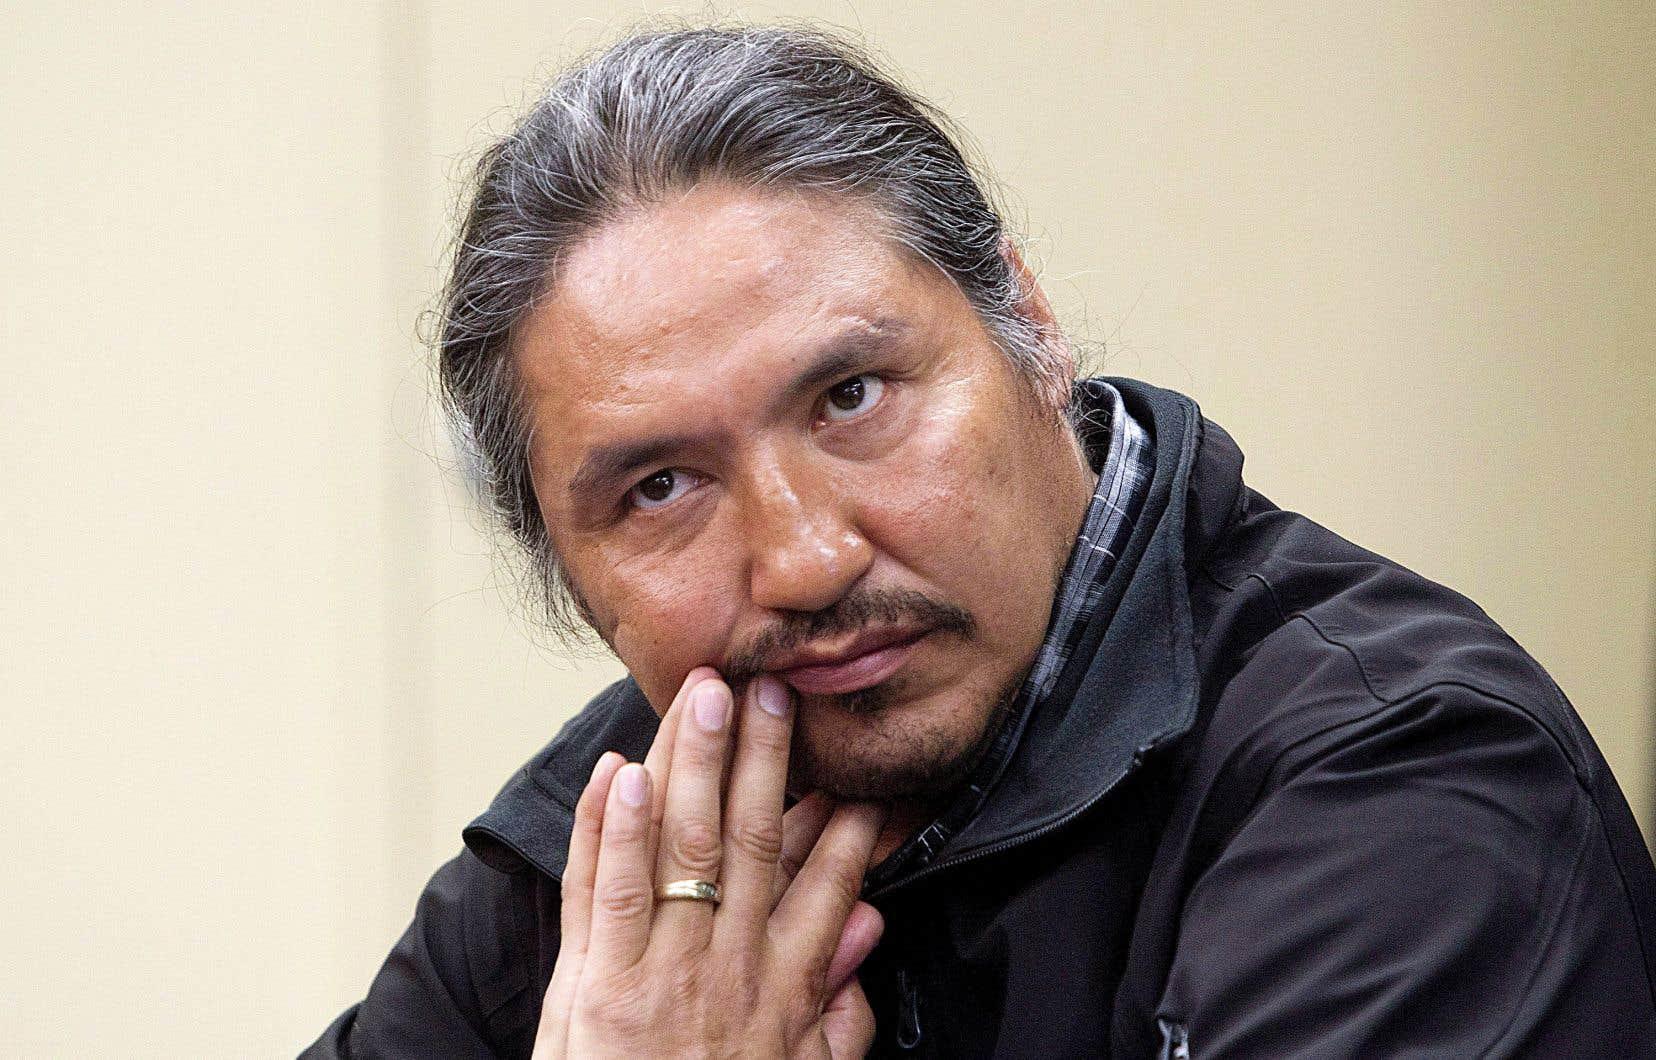 Une vidéo montrant l'arrestation musclée du chef de la Première Nation chipewyanne d'Athabasca, Allan Adam, a semé l'émoi et nourri le débat sur le racisme systémique au sein des corps policiers au Canada.